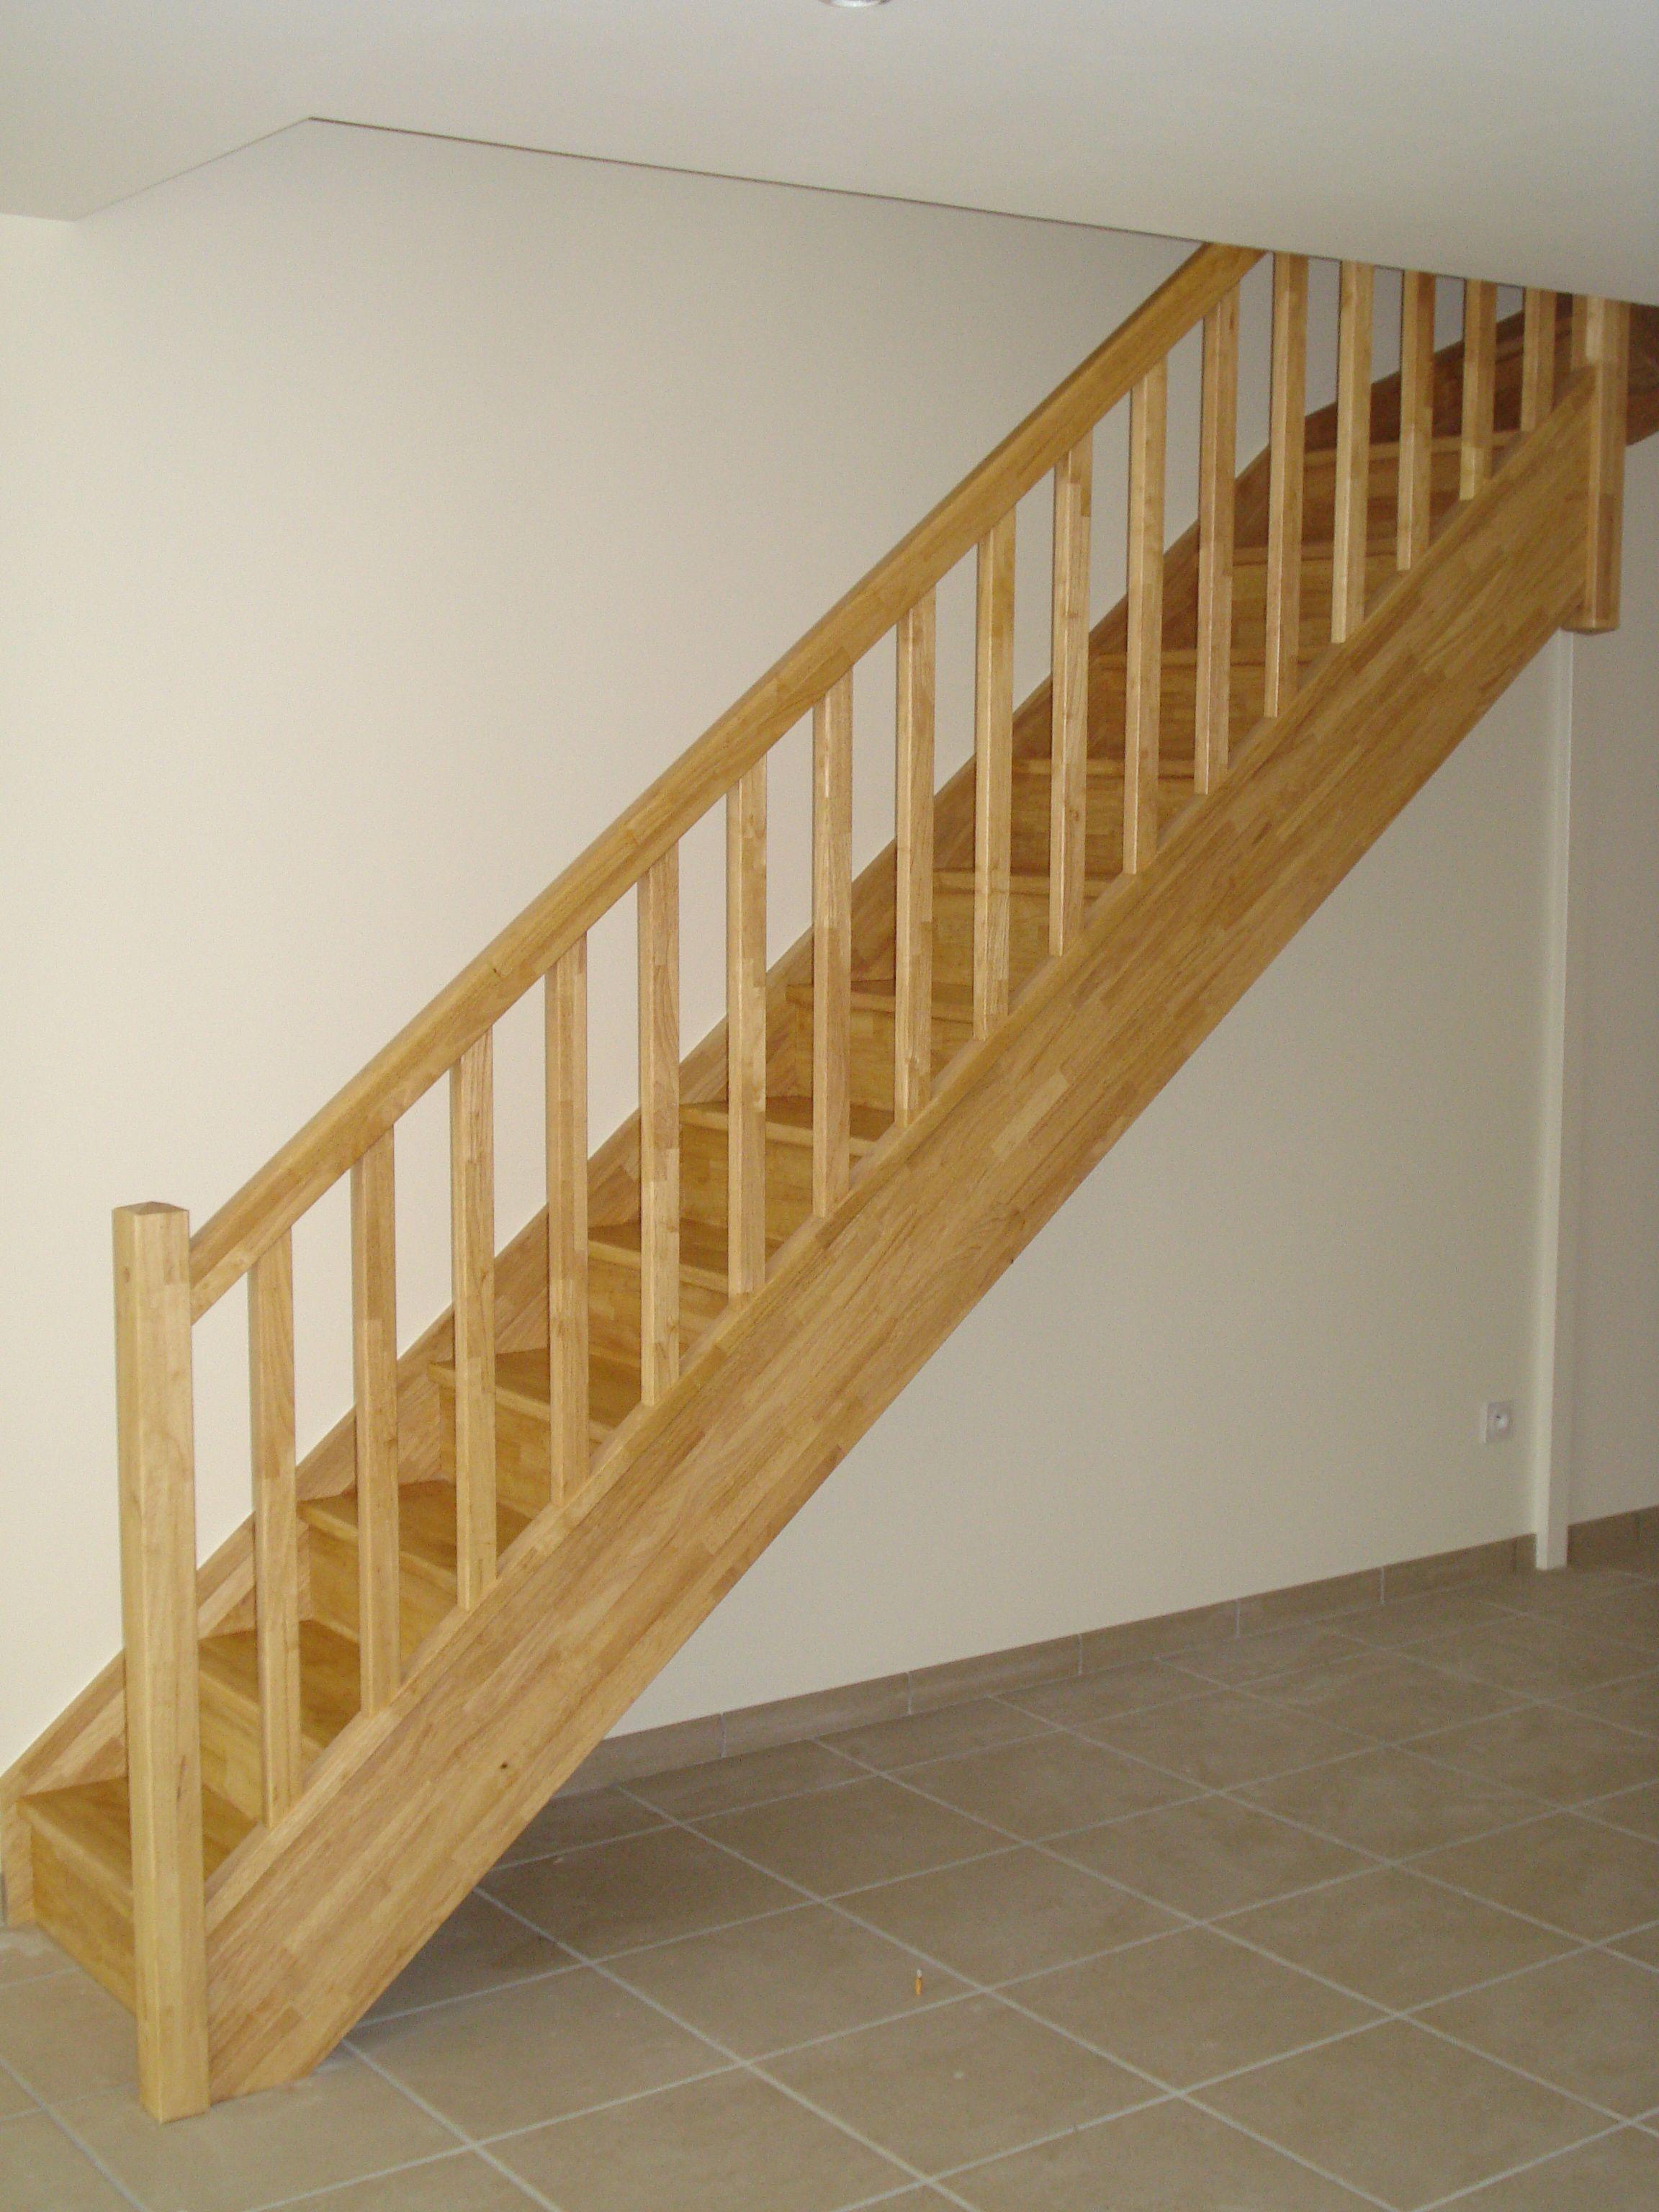 Peinture Pour Escalier Bois escaliers magnin - escalier 1/4 tournant haut vt avec